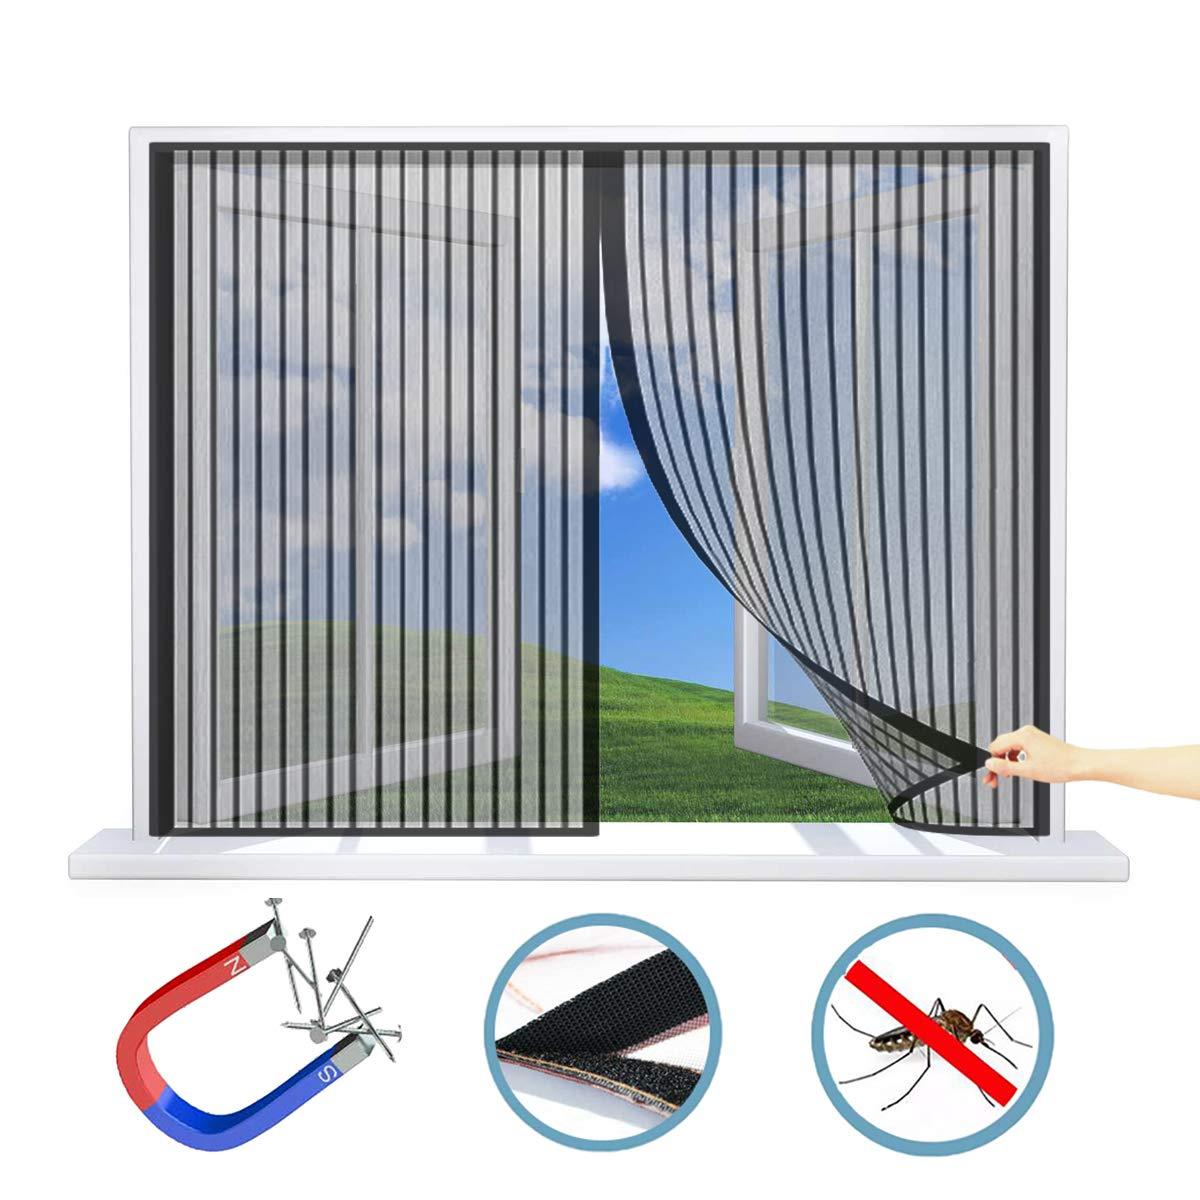 WxH Schwarz 30x50CM WISKEO Magnet Fliegengitter Fenster Aussen Verschiedene Gr/ö/ßen Insektenschutz magnetisch Anti-Moskito Insektenschutzgitter Rolle Klebmontage Schiebe Dach T/ür